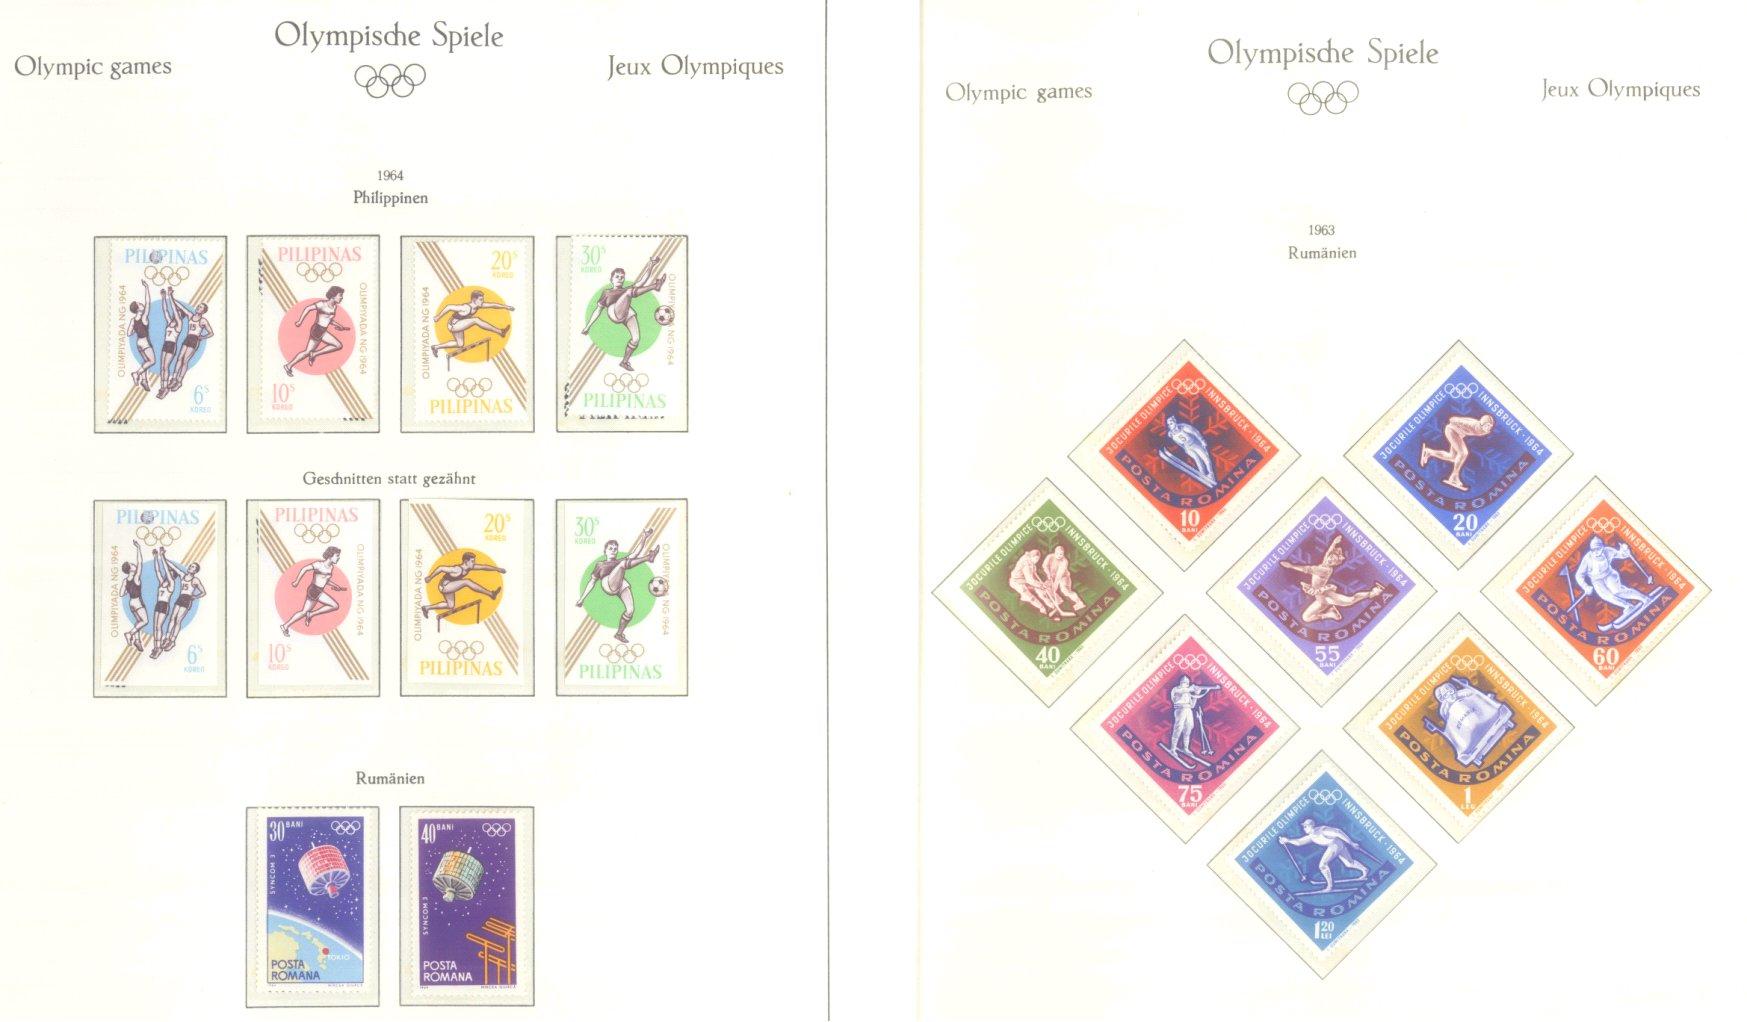 OLYMPISCHE SPIELE 1964 TOKIO, postfrische Sammlung Teil 2-28